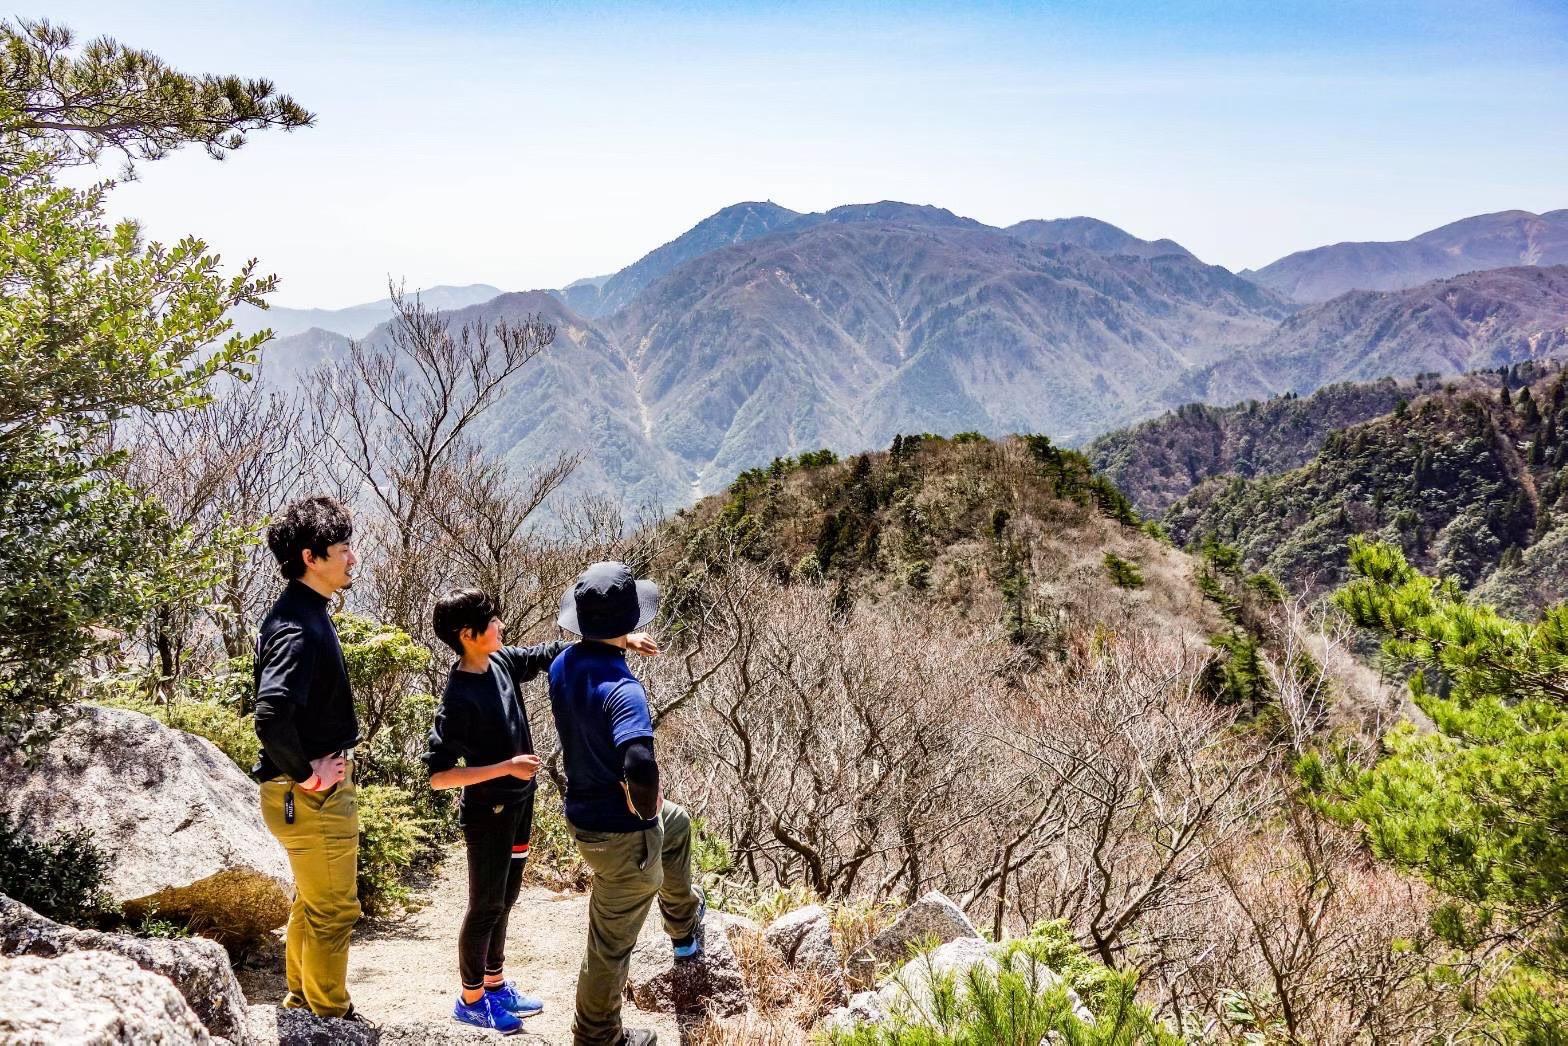 【11/23 (祝火)】親子で登山に挑戦企画! (三重県鈴鹿山脈「藤原岳」)